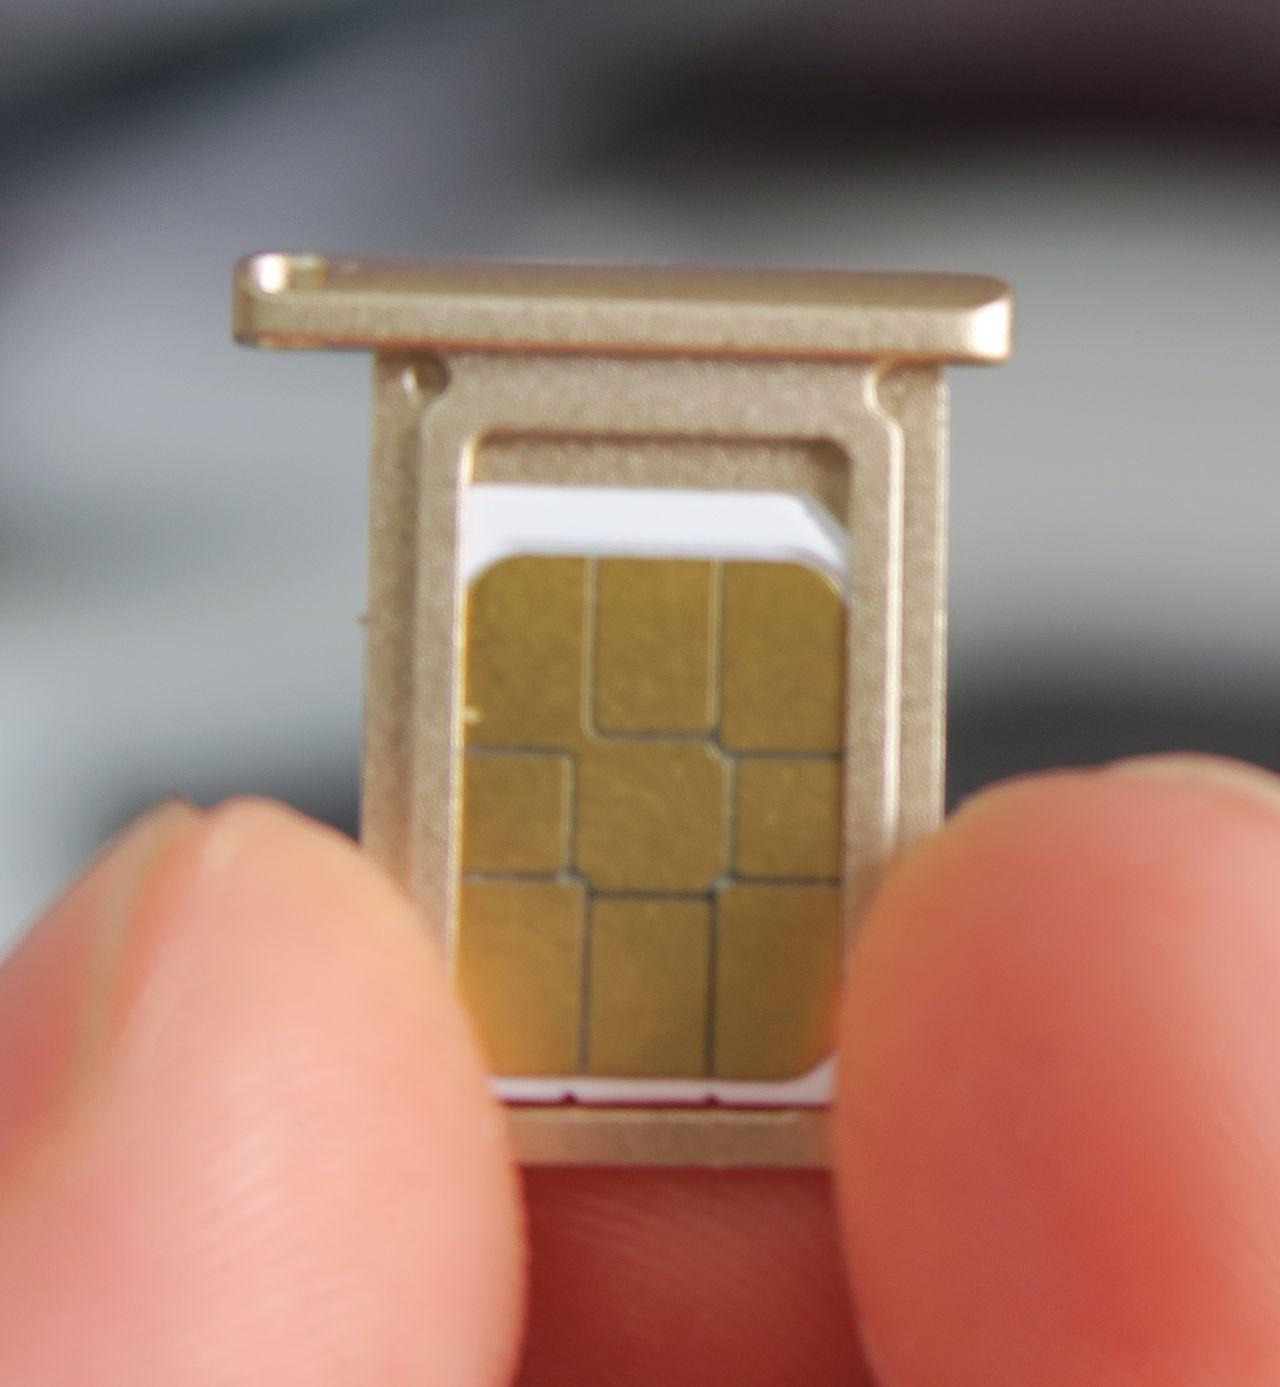 【スマホ】DSDS端末が本格的になってきた。FREETELの極2。ナノSIMダブルの模様。